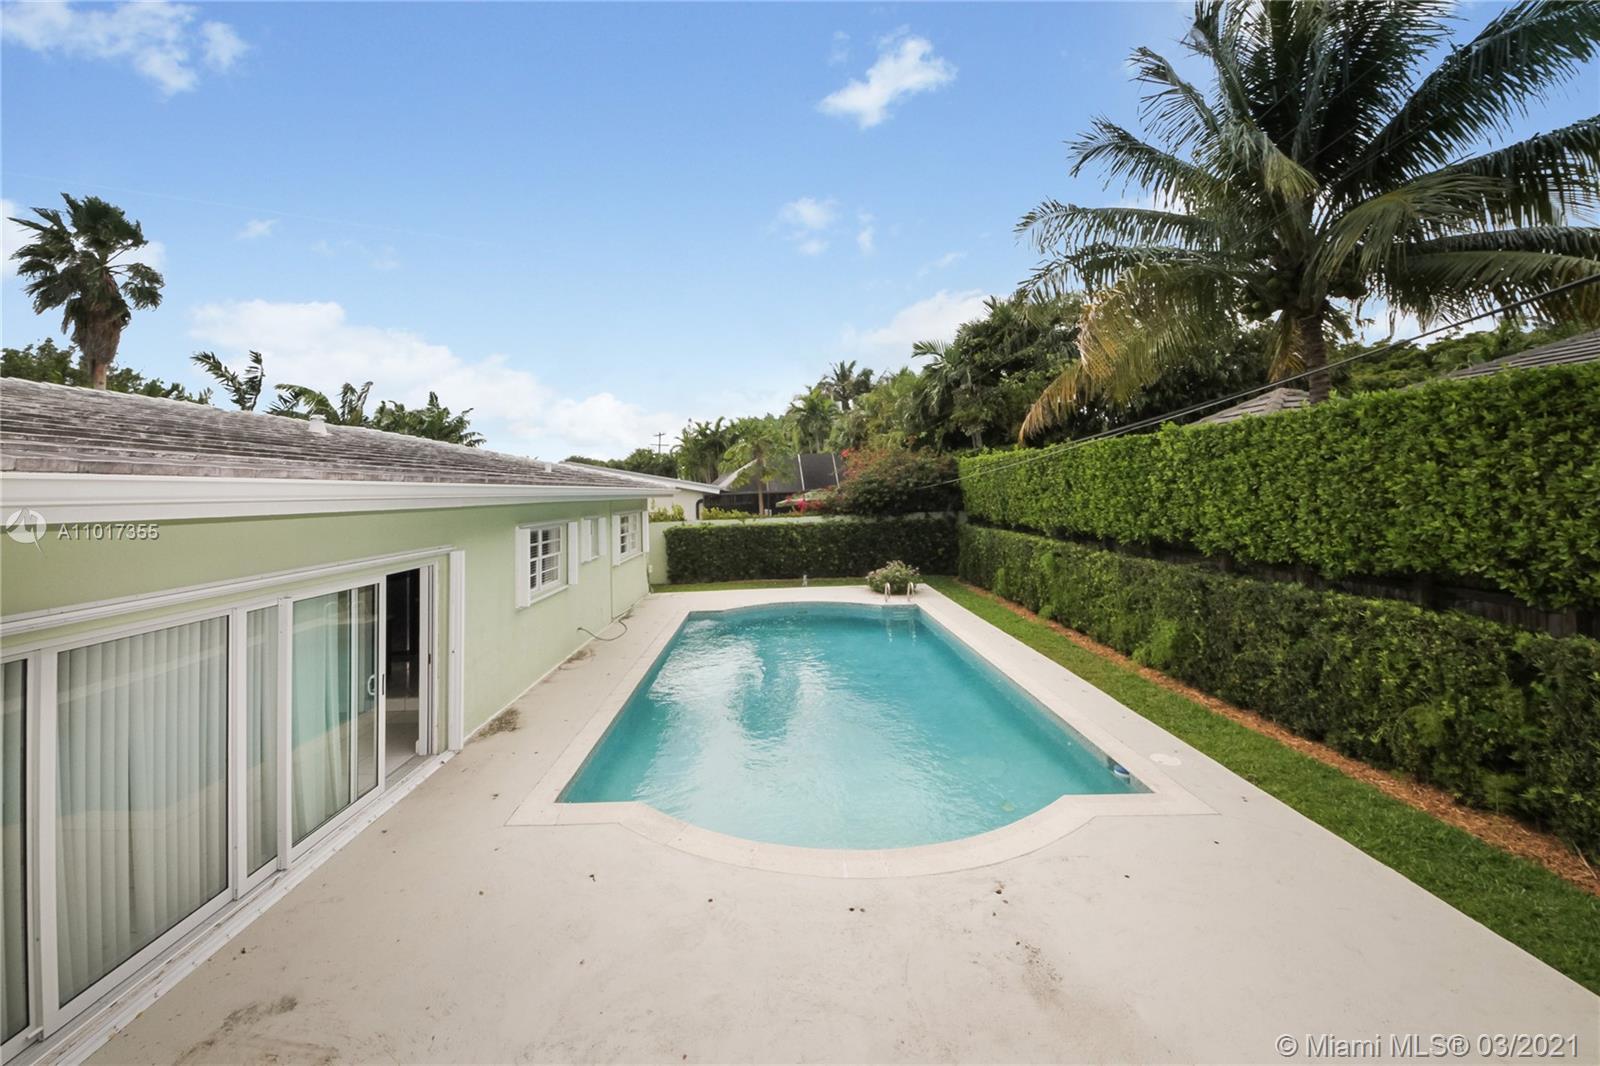 Tropical Isle Homes - 360 Heather Ln, Key Biscayne, FL 33149